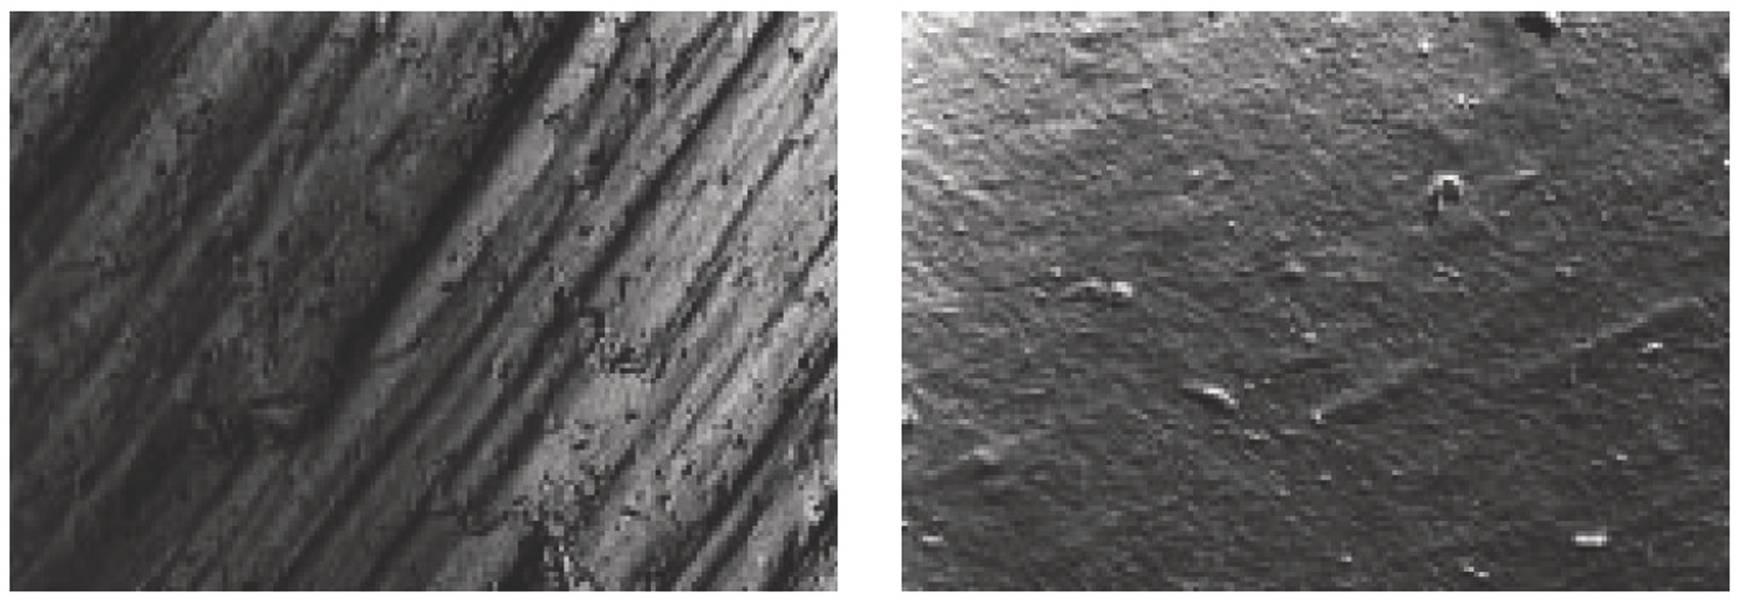 (आंकड़े 1 बी और 2 बी) एक स्कैनिंग इलेक्ट्रॉन माइक्रोस्कोप (मॉड्यूल 25 मिमी, आरटी = 44 सुक्ष्ममापी आरए = 4.3 माइक्रोग्राम / 50 गुना बढ़े हुए) के साथ एक नई पिनियन की सतह की तस्वीरें।